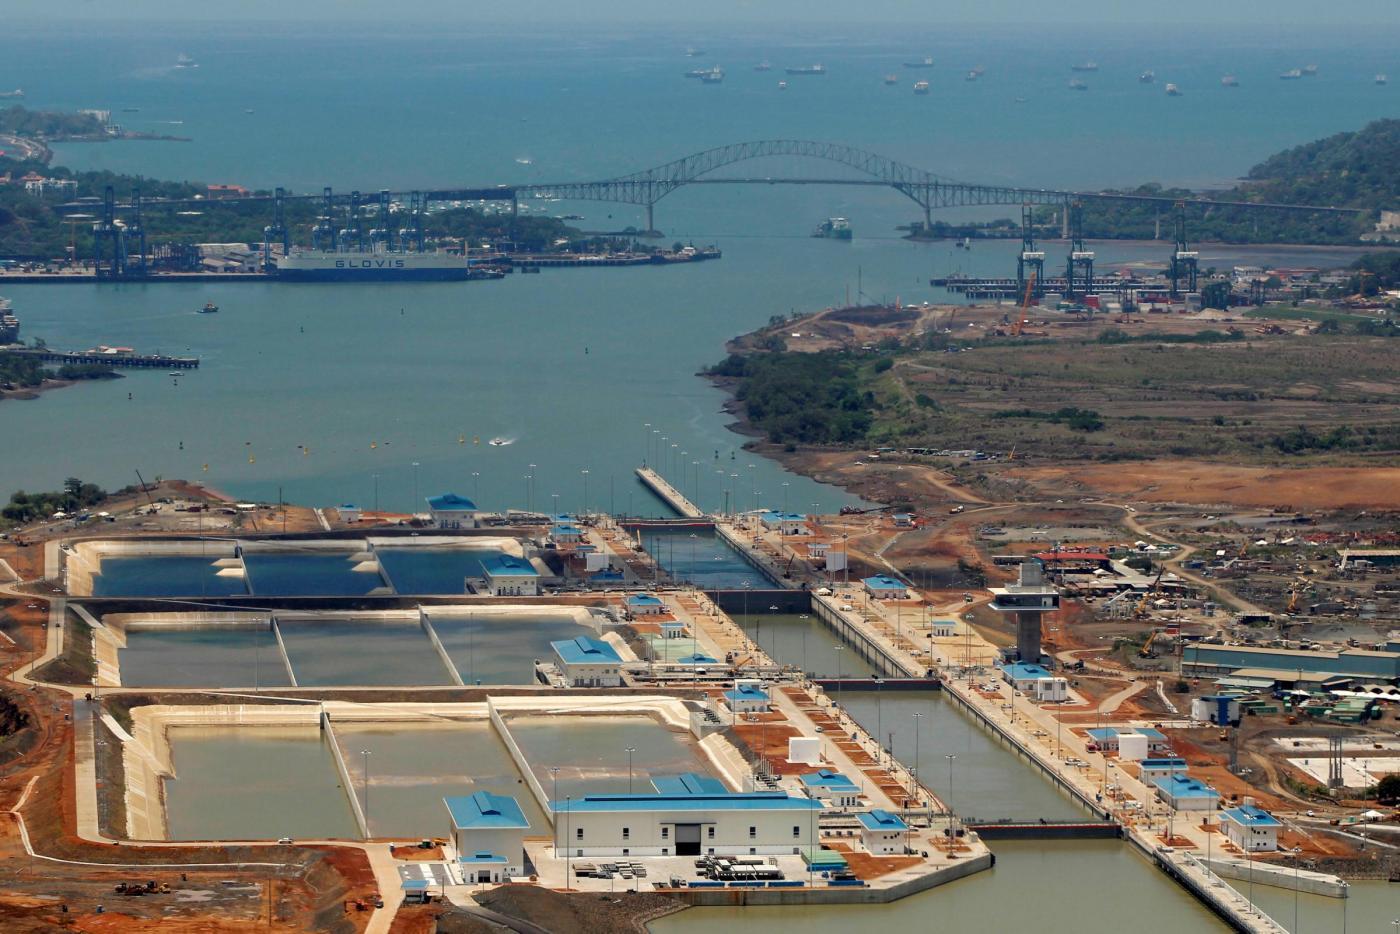 Il progetto di espansione del Canale di Panama  Atlantico e Pacifico ... 5f6a6db9c837